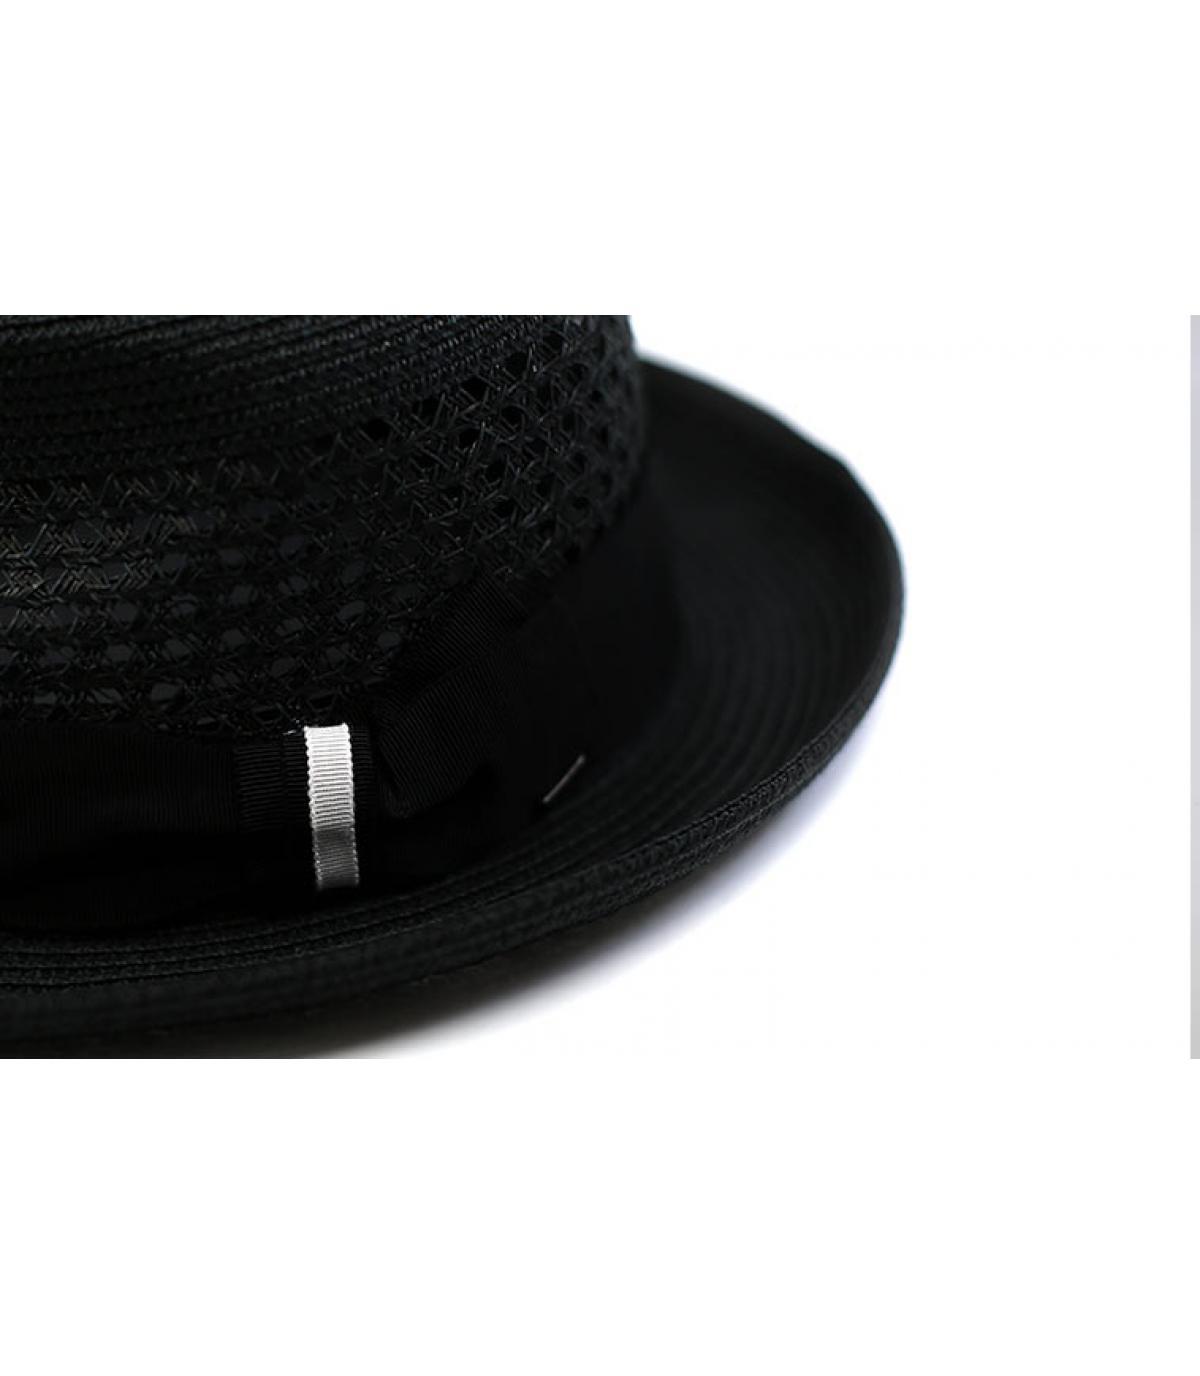 Details Wilshire solid black - afbeeling 3